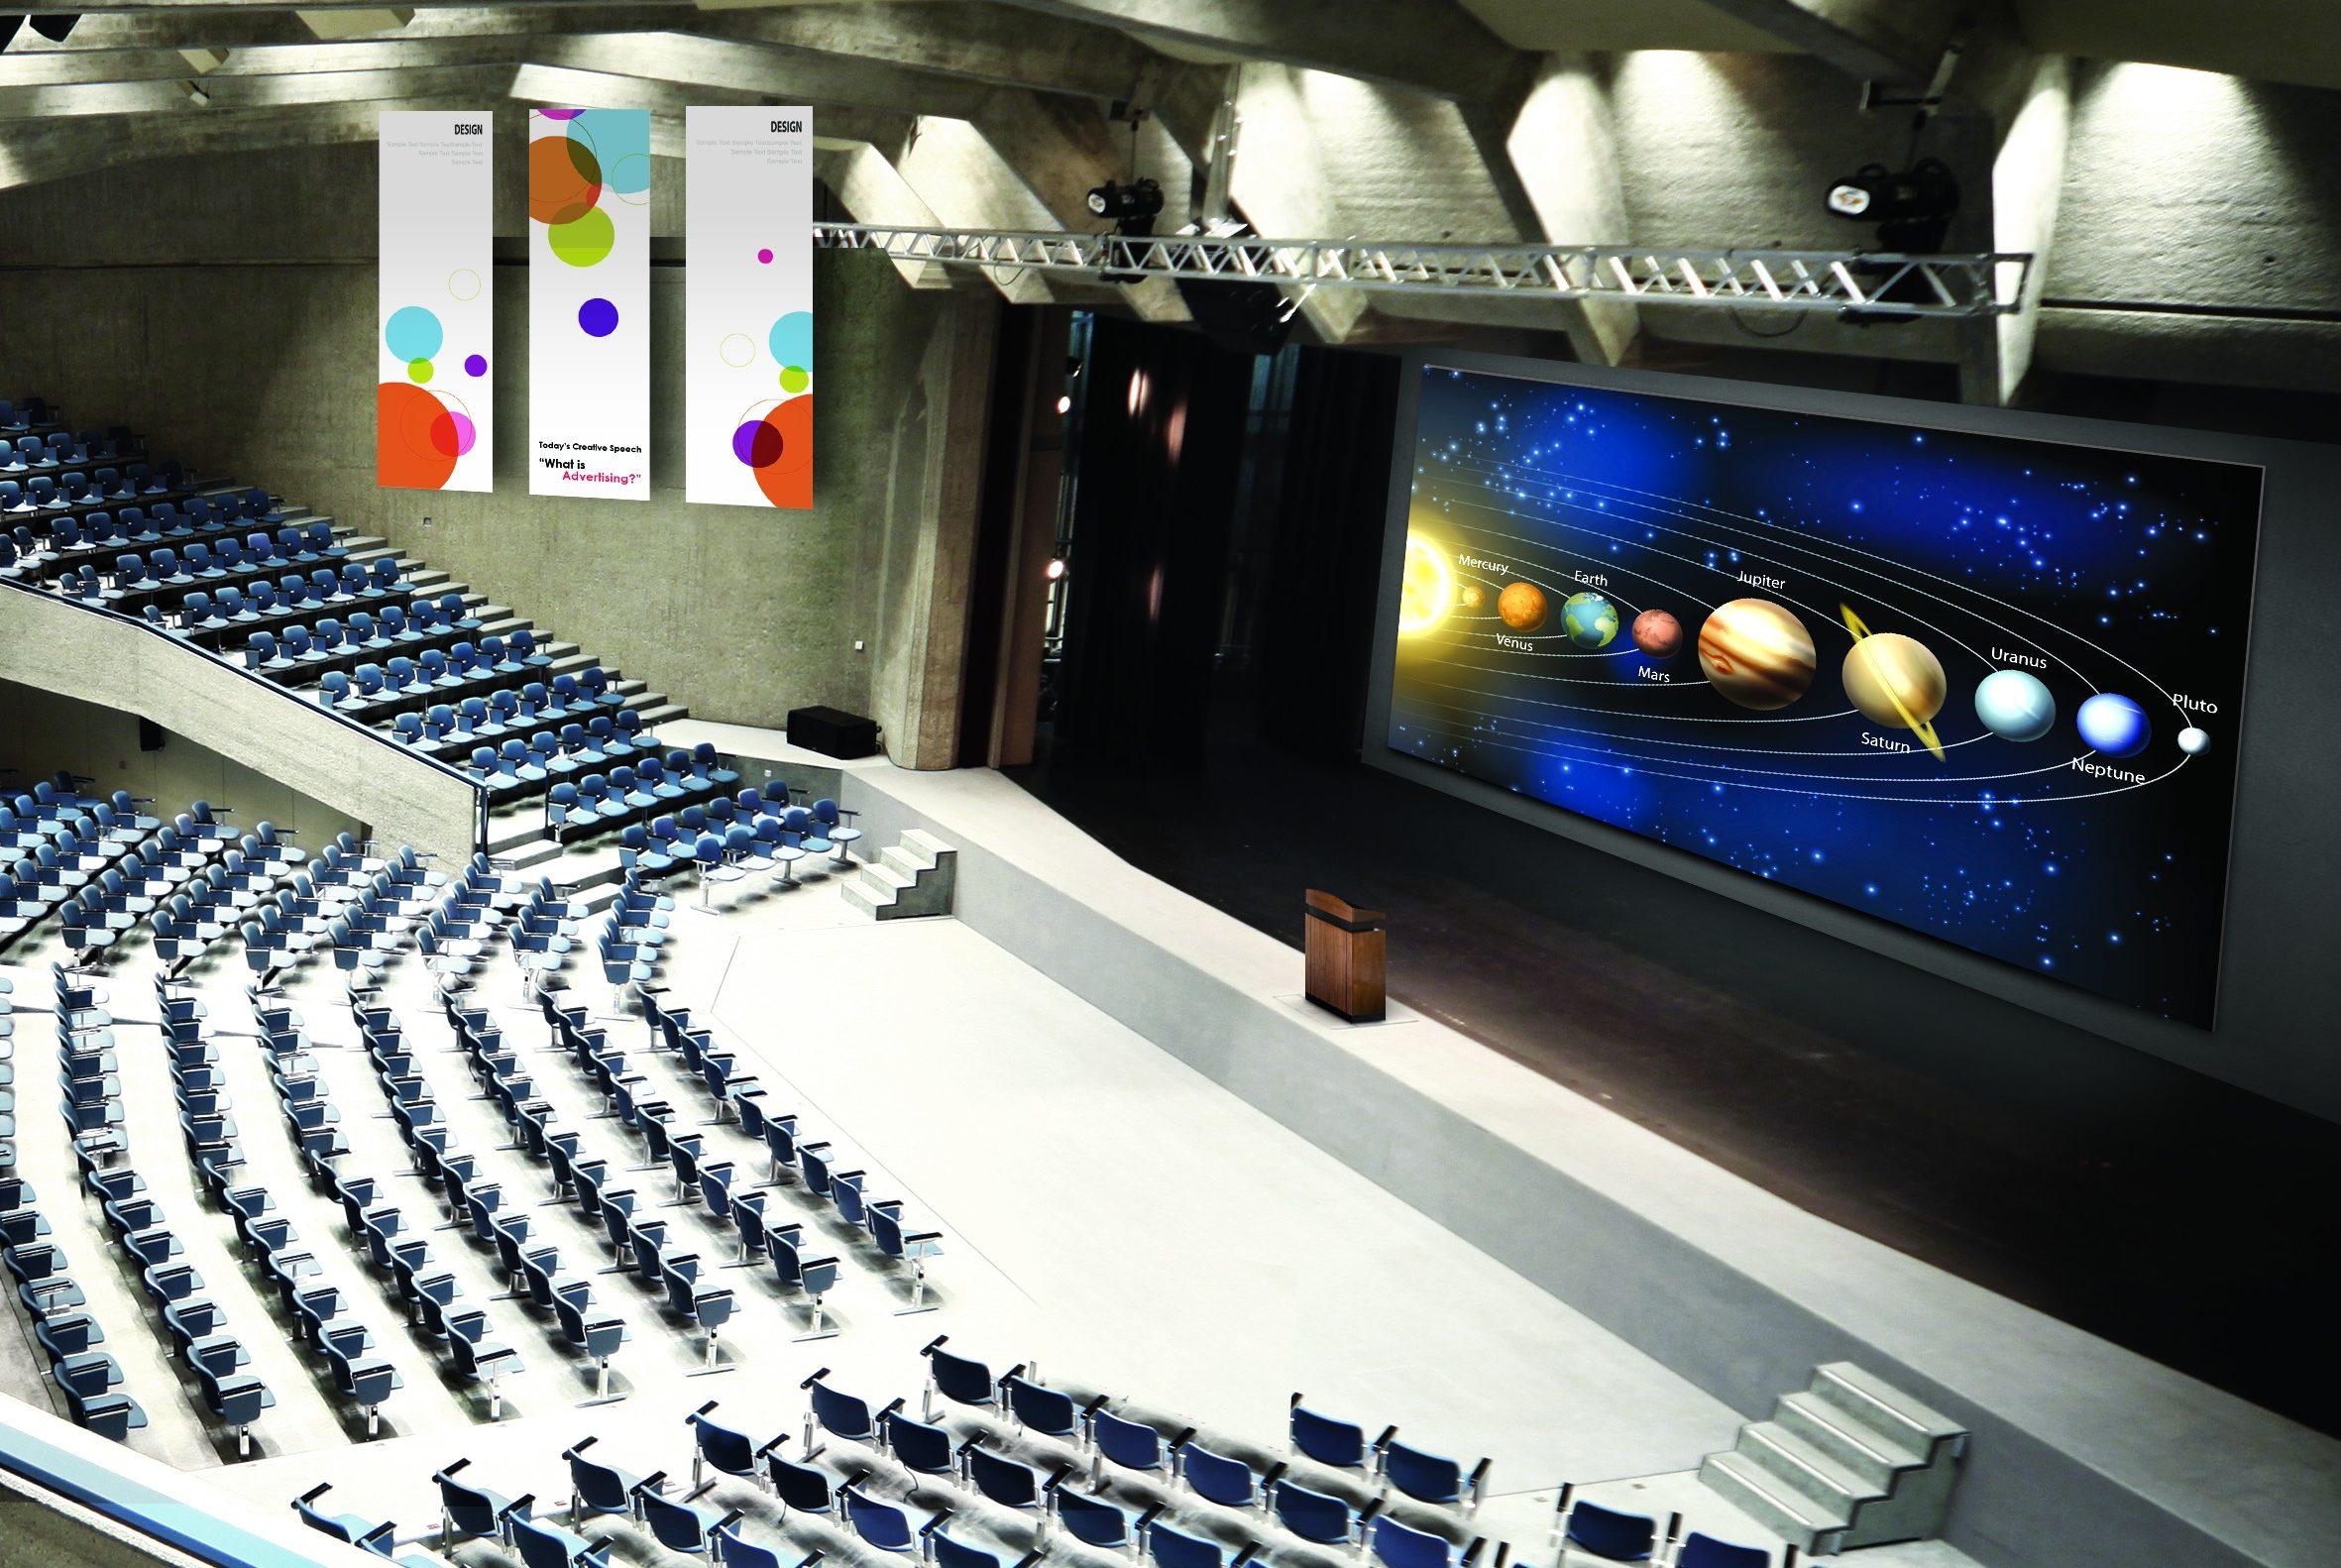 Partenaires VIDELIO x LG écran LED grands espaces Magnit 36 modules